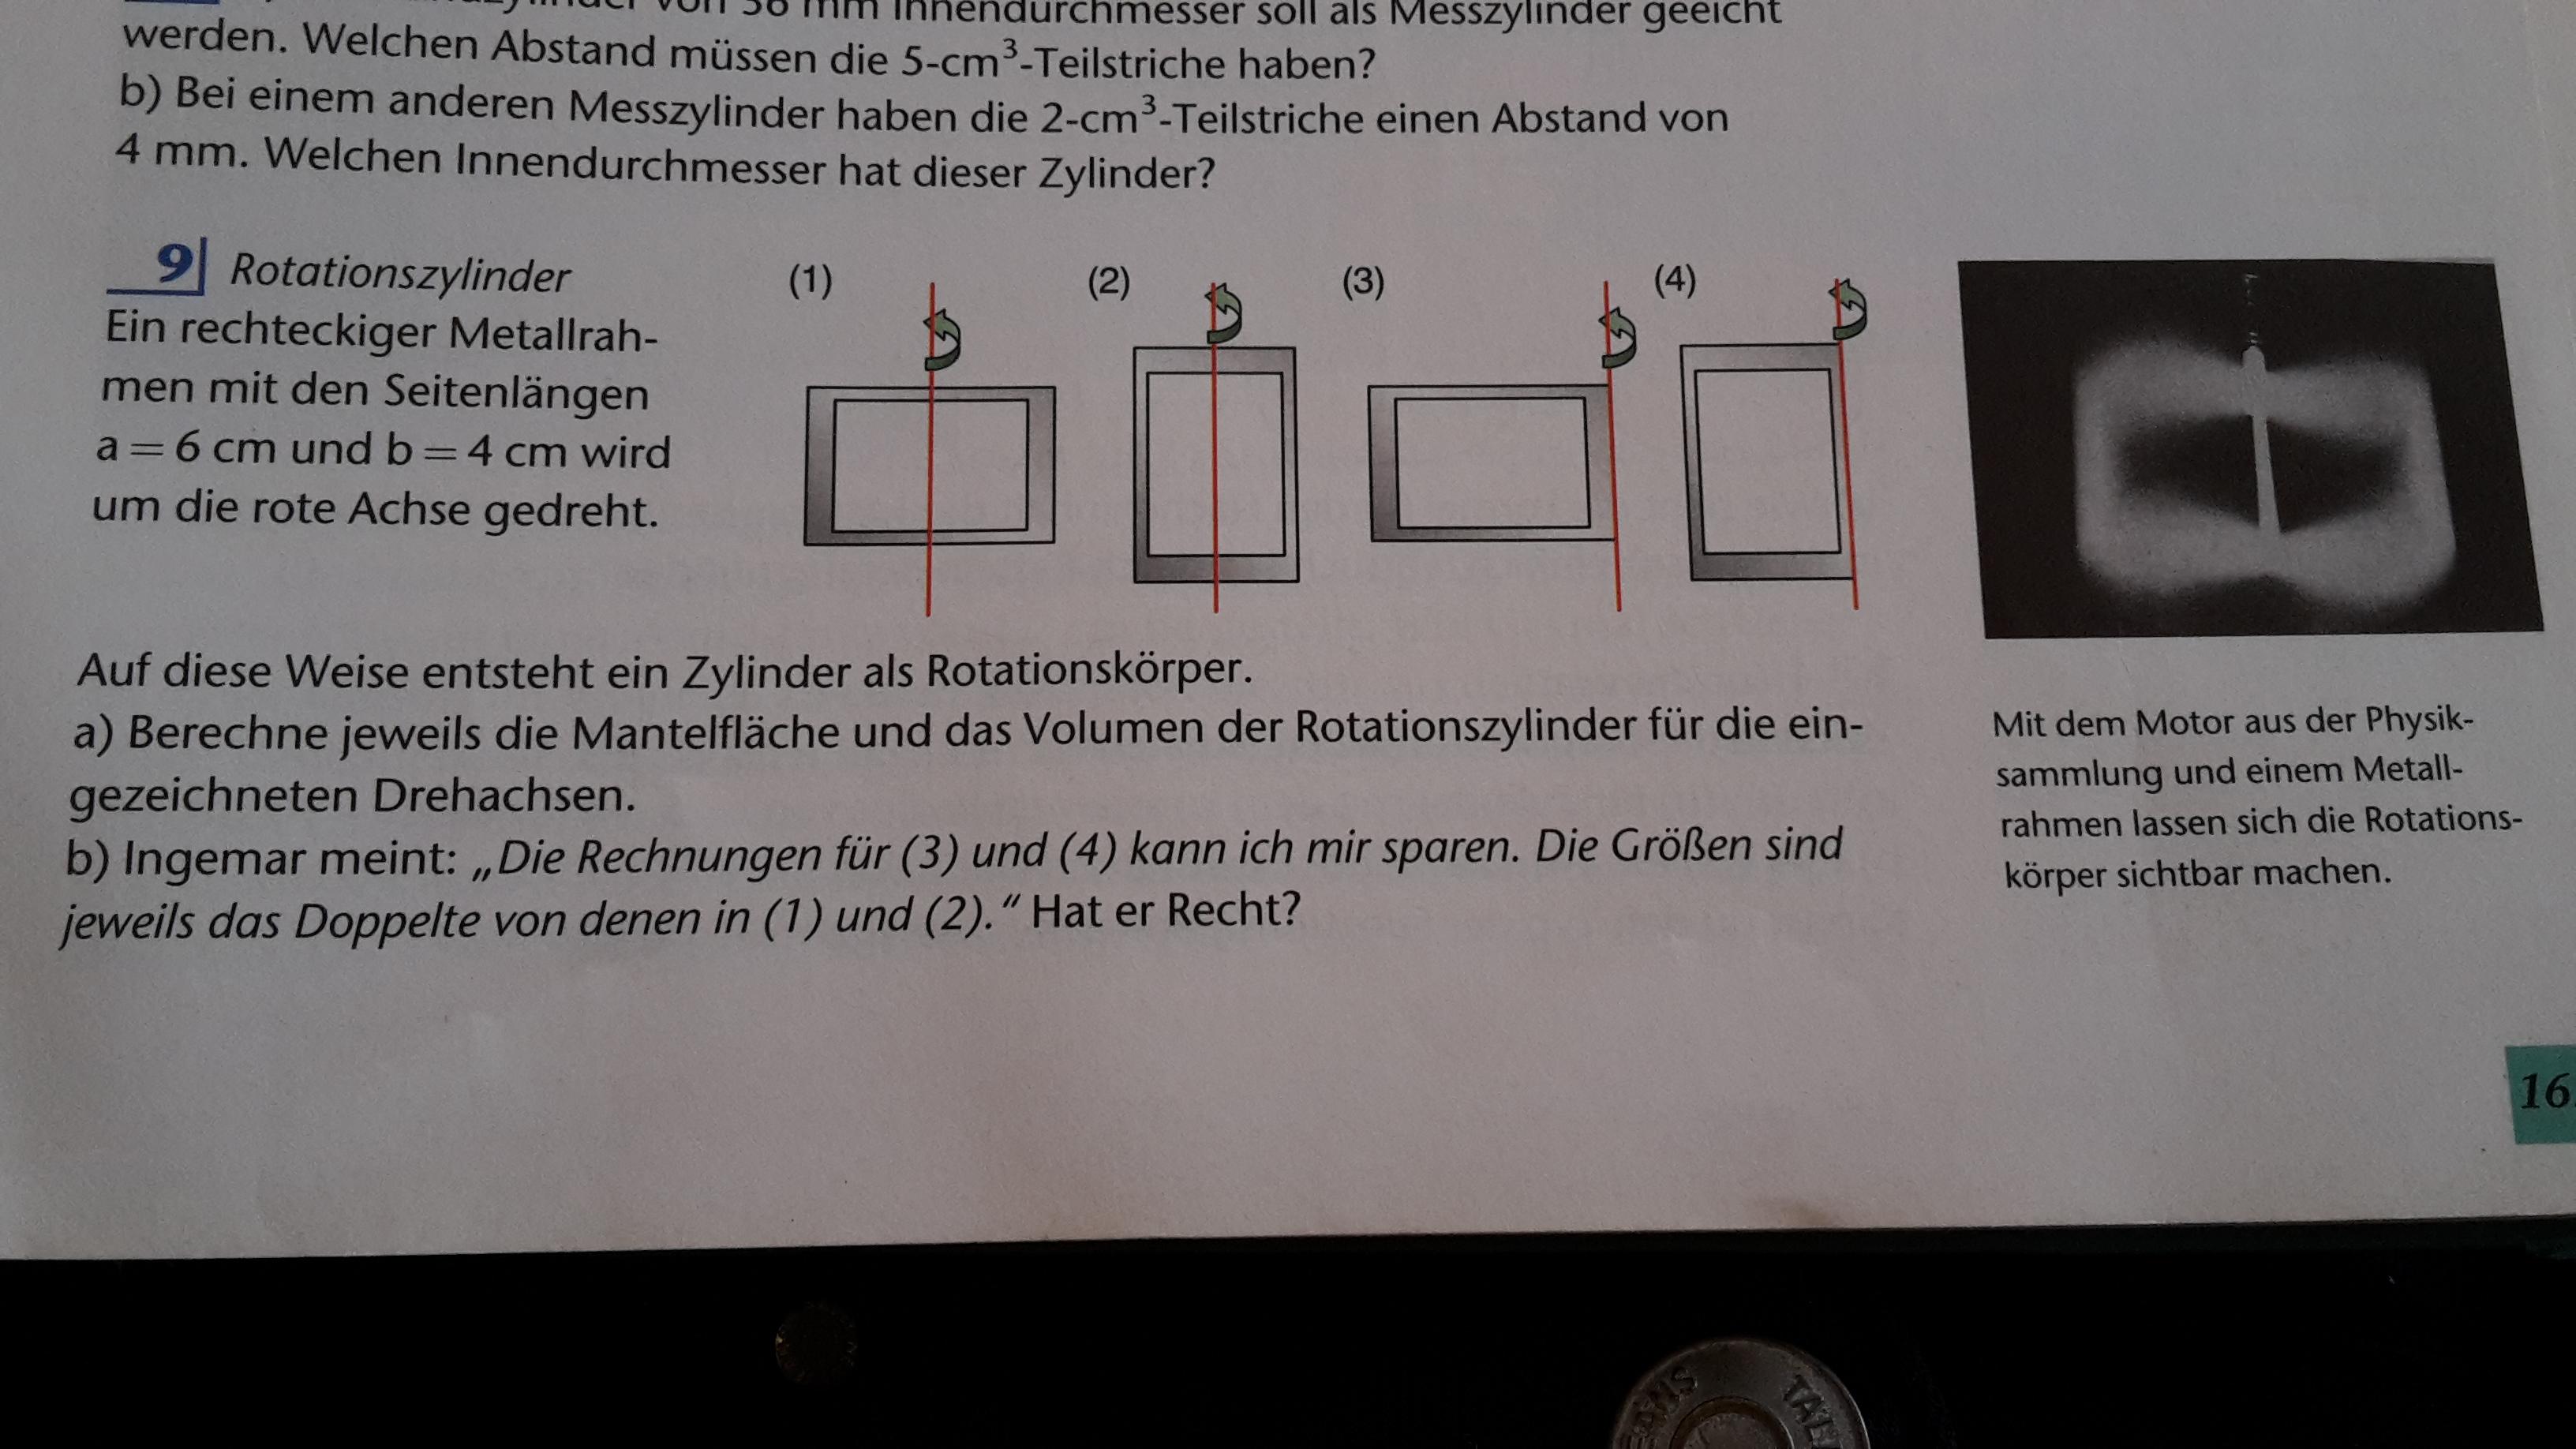 wie rechnet man diese aufgabe in mathe aus? (rechnen, form, zylinder)